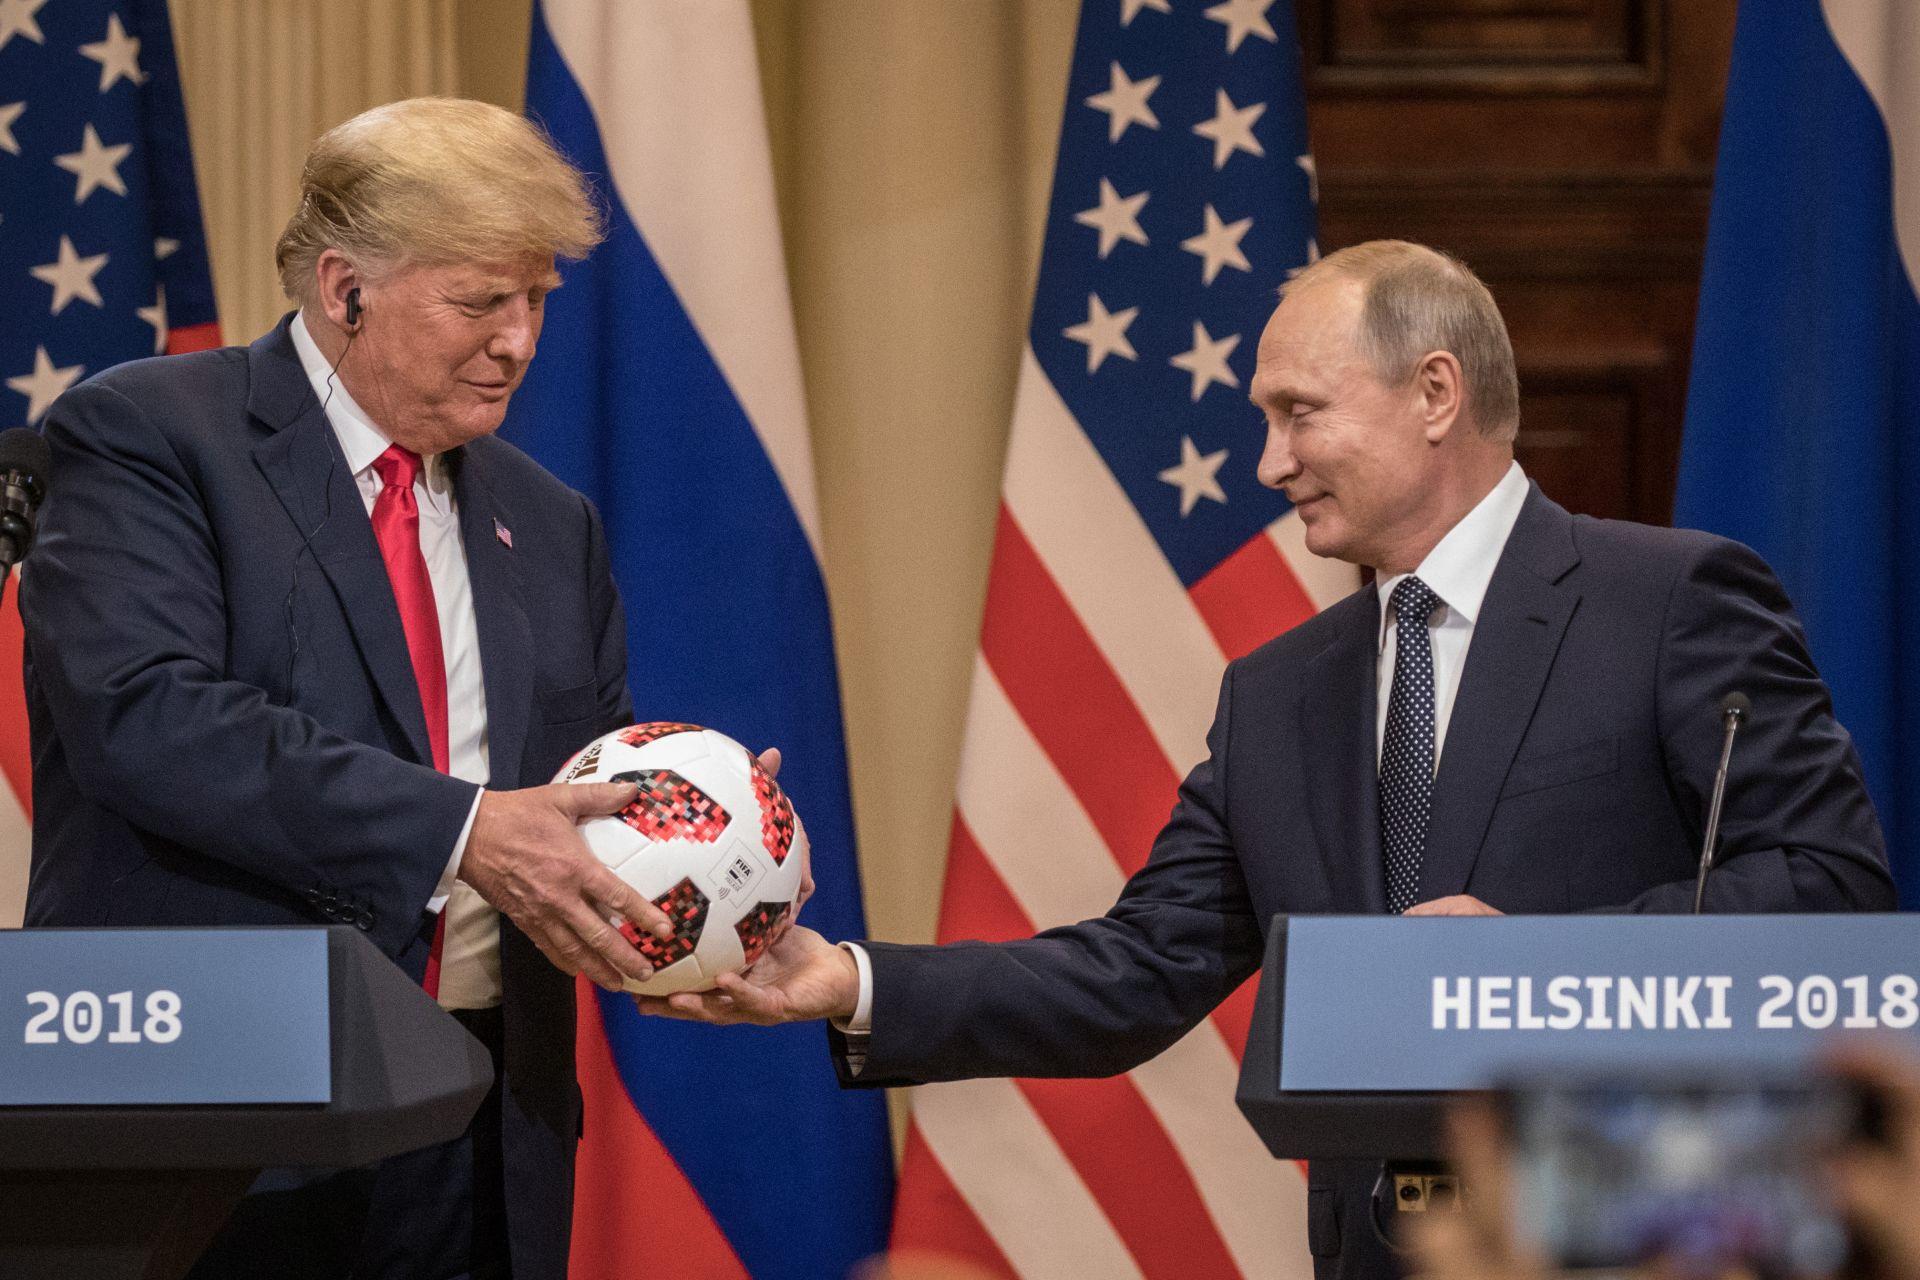 16 юли 2018 г. - Владимир Путин връчва на президента на САЩ Доналд Тръмп футболна топка по време на съвместна пресконференция след срещата им в Хелзинки, Финландия.